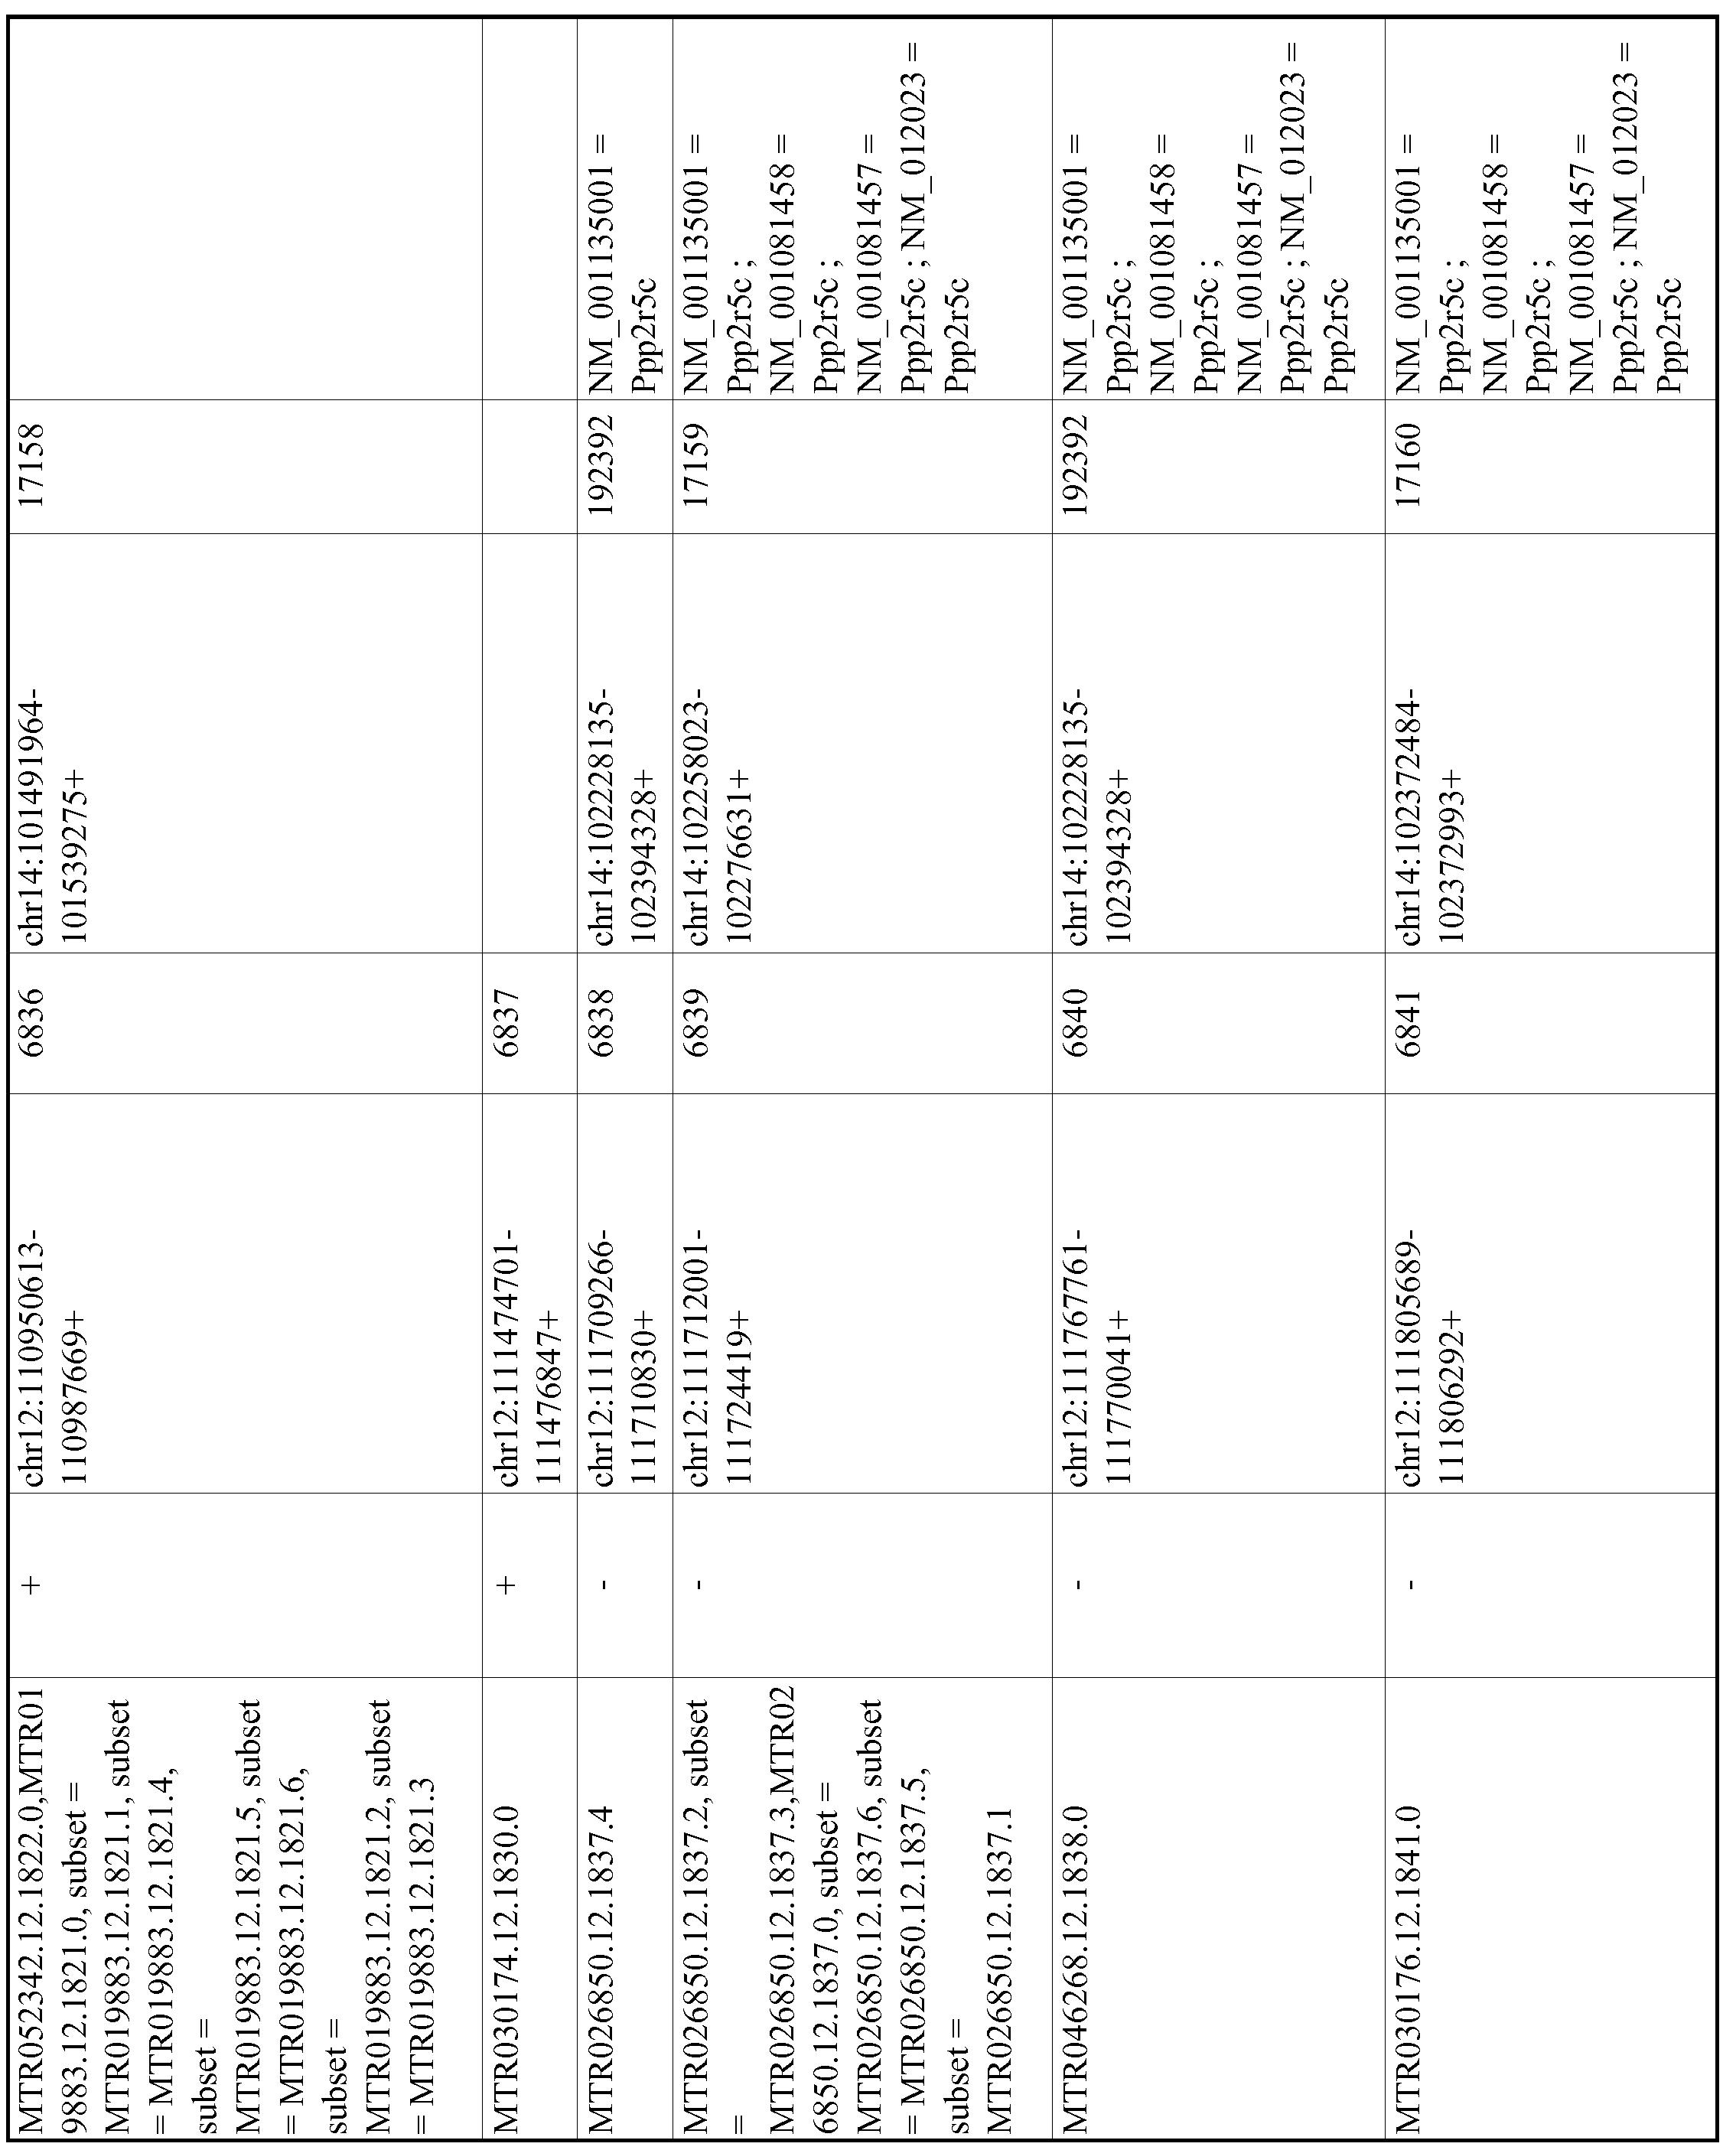 Figure imgf001215_0001